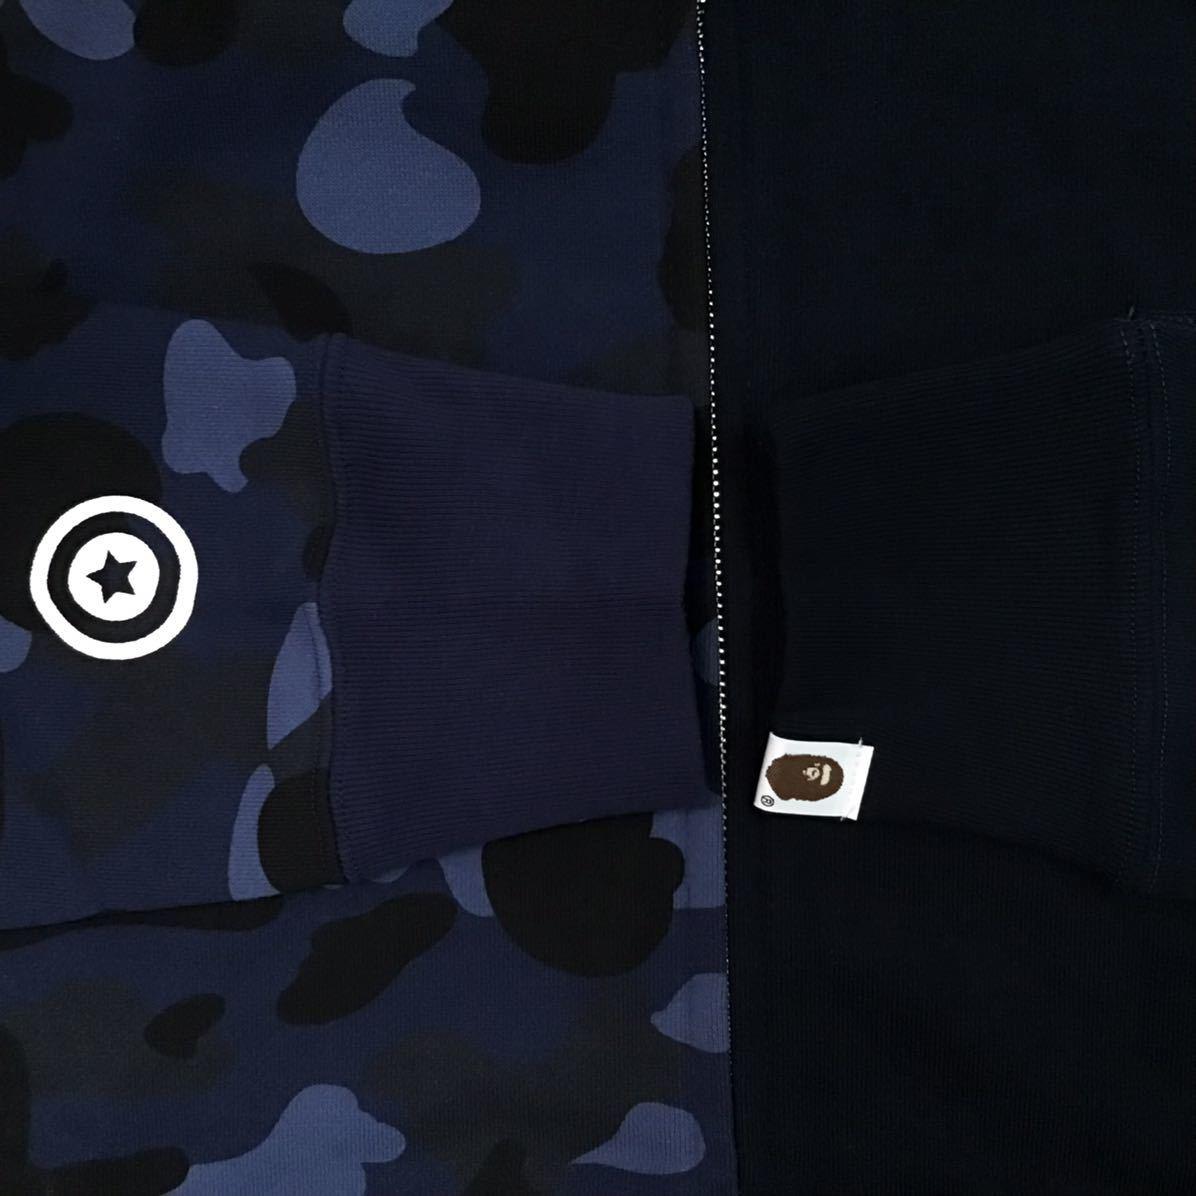 ★新品★ Ape head タイガー パーカー Lサイズ tiger full zip hoodie a bathing ape bape エイプ ベイプ アベイシングエイプ blue camo h3